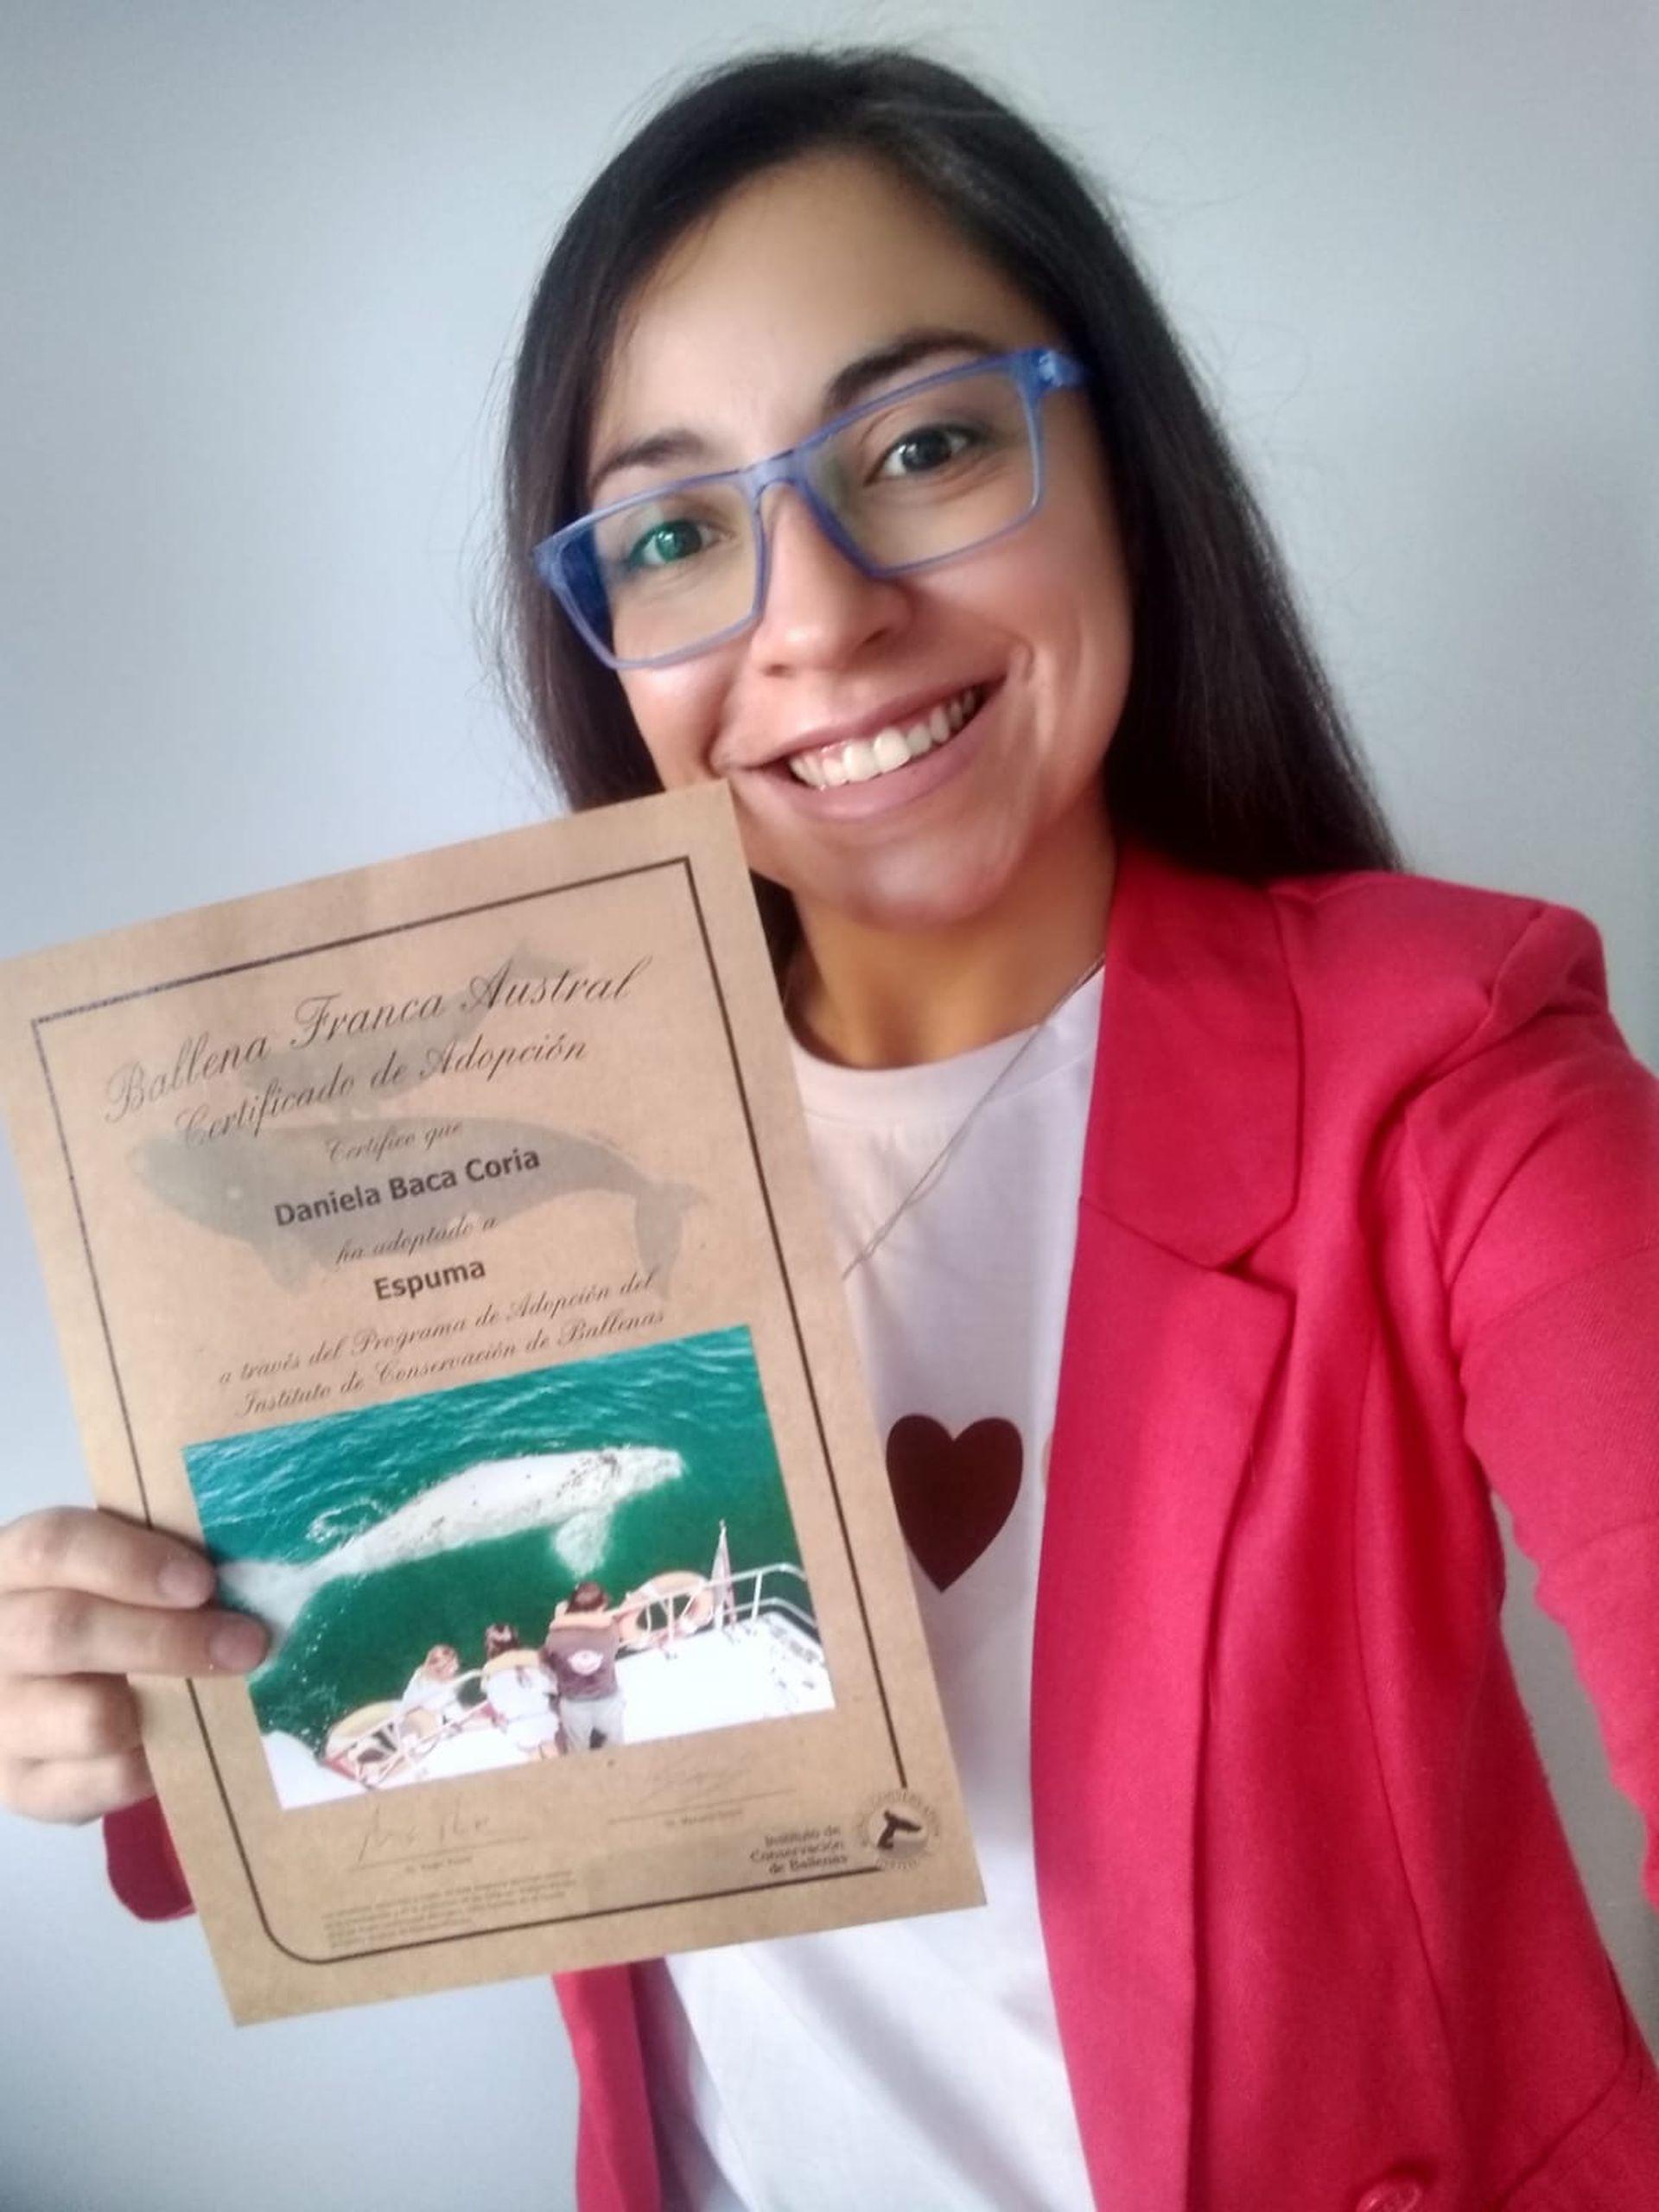 Daniela Baca Coria, una de los 1700 adoptantes de ballenas con el programa del ICB, junto con su diploma